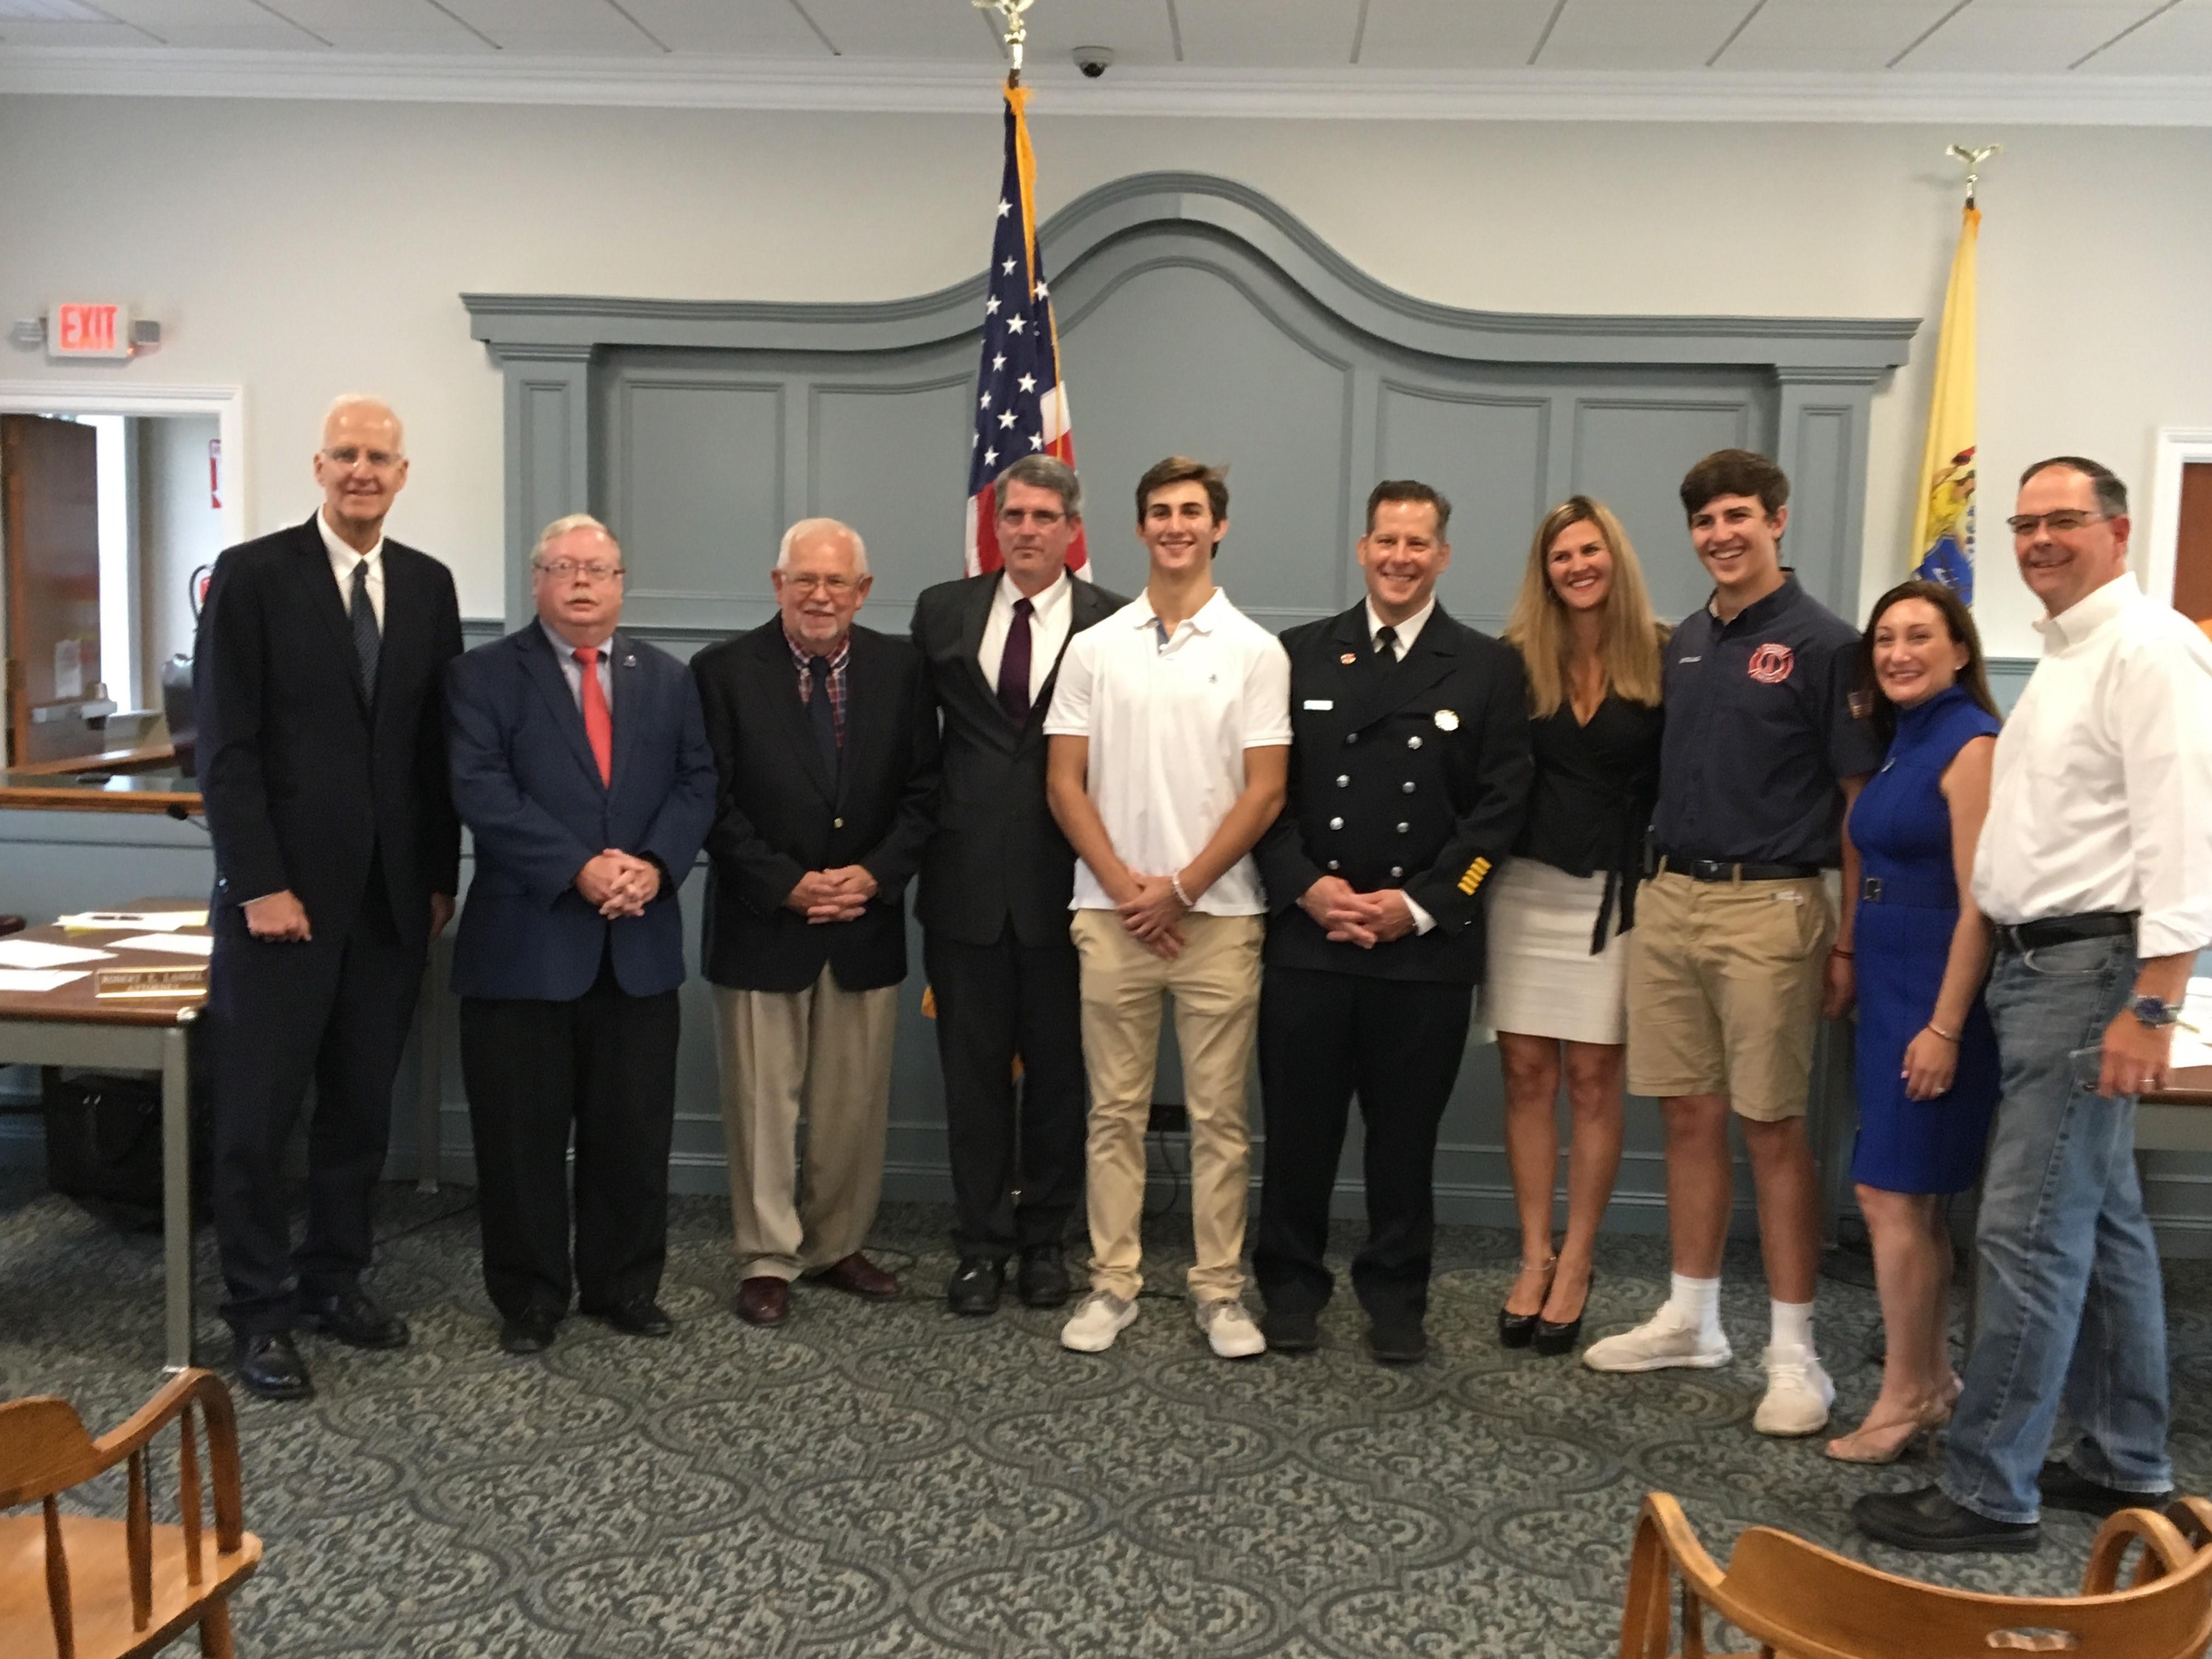 Jr. Firefighter is Sworn In July 16, 2019